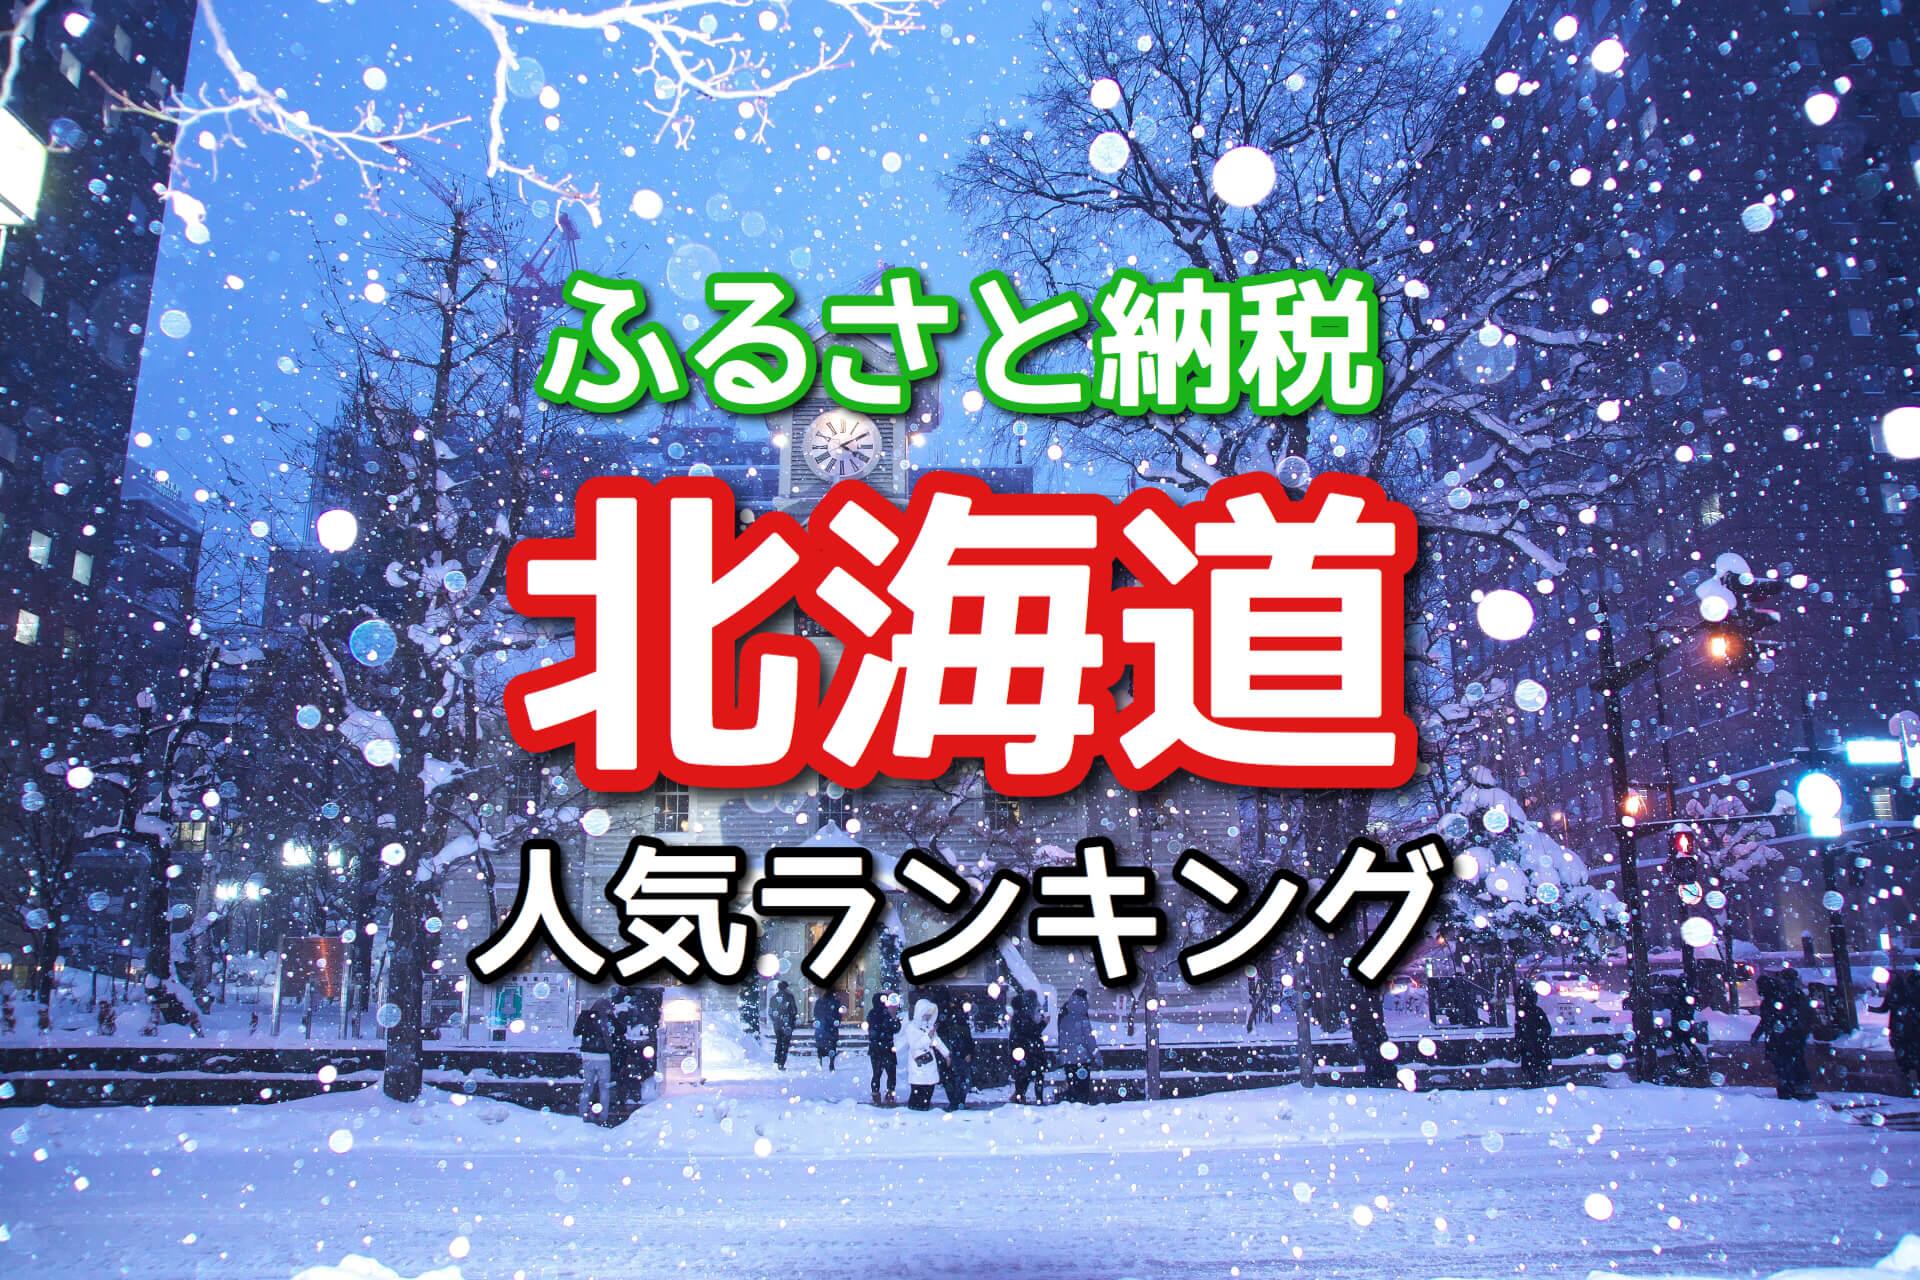 【ふるさと納税】北海道おすすめ返礼品30選!人気ランキング2018!